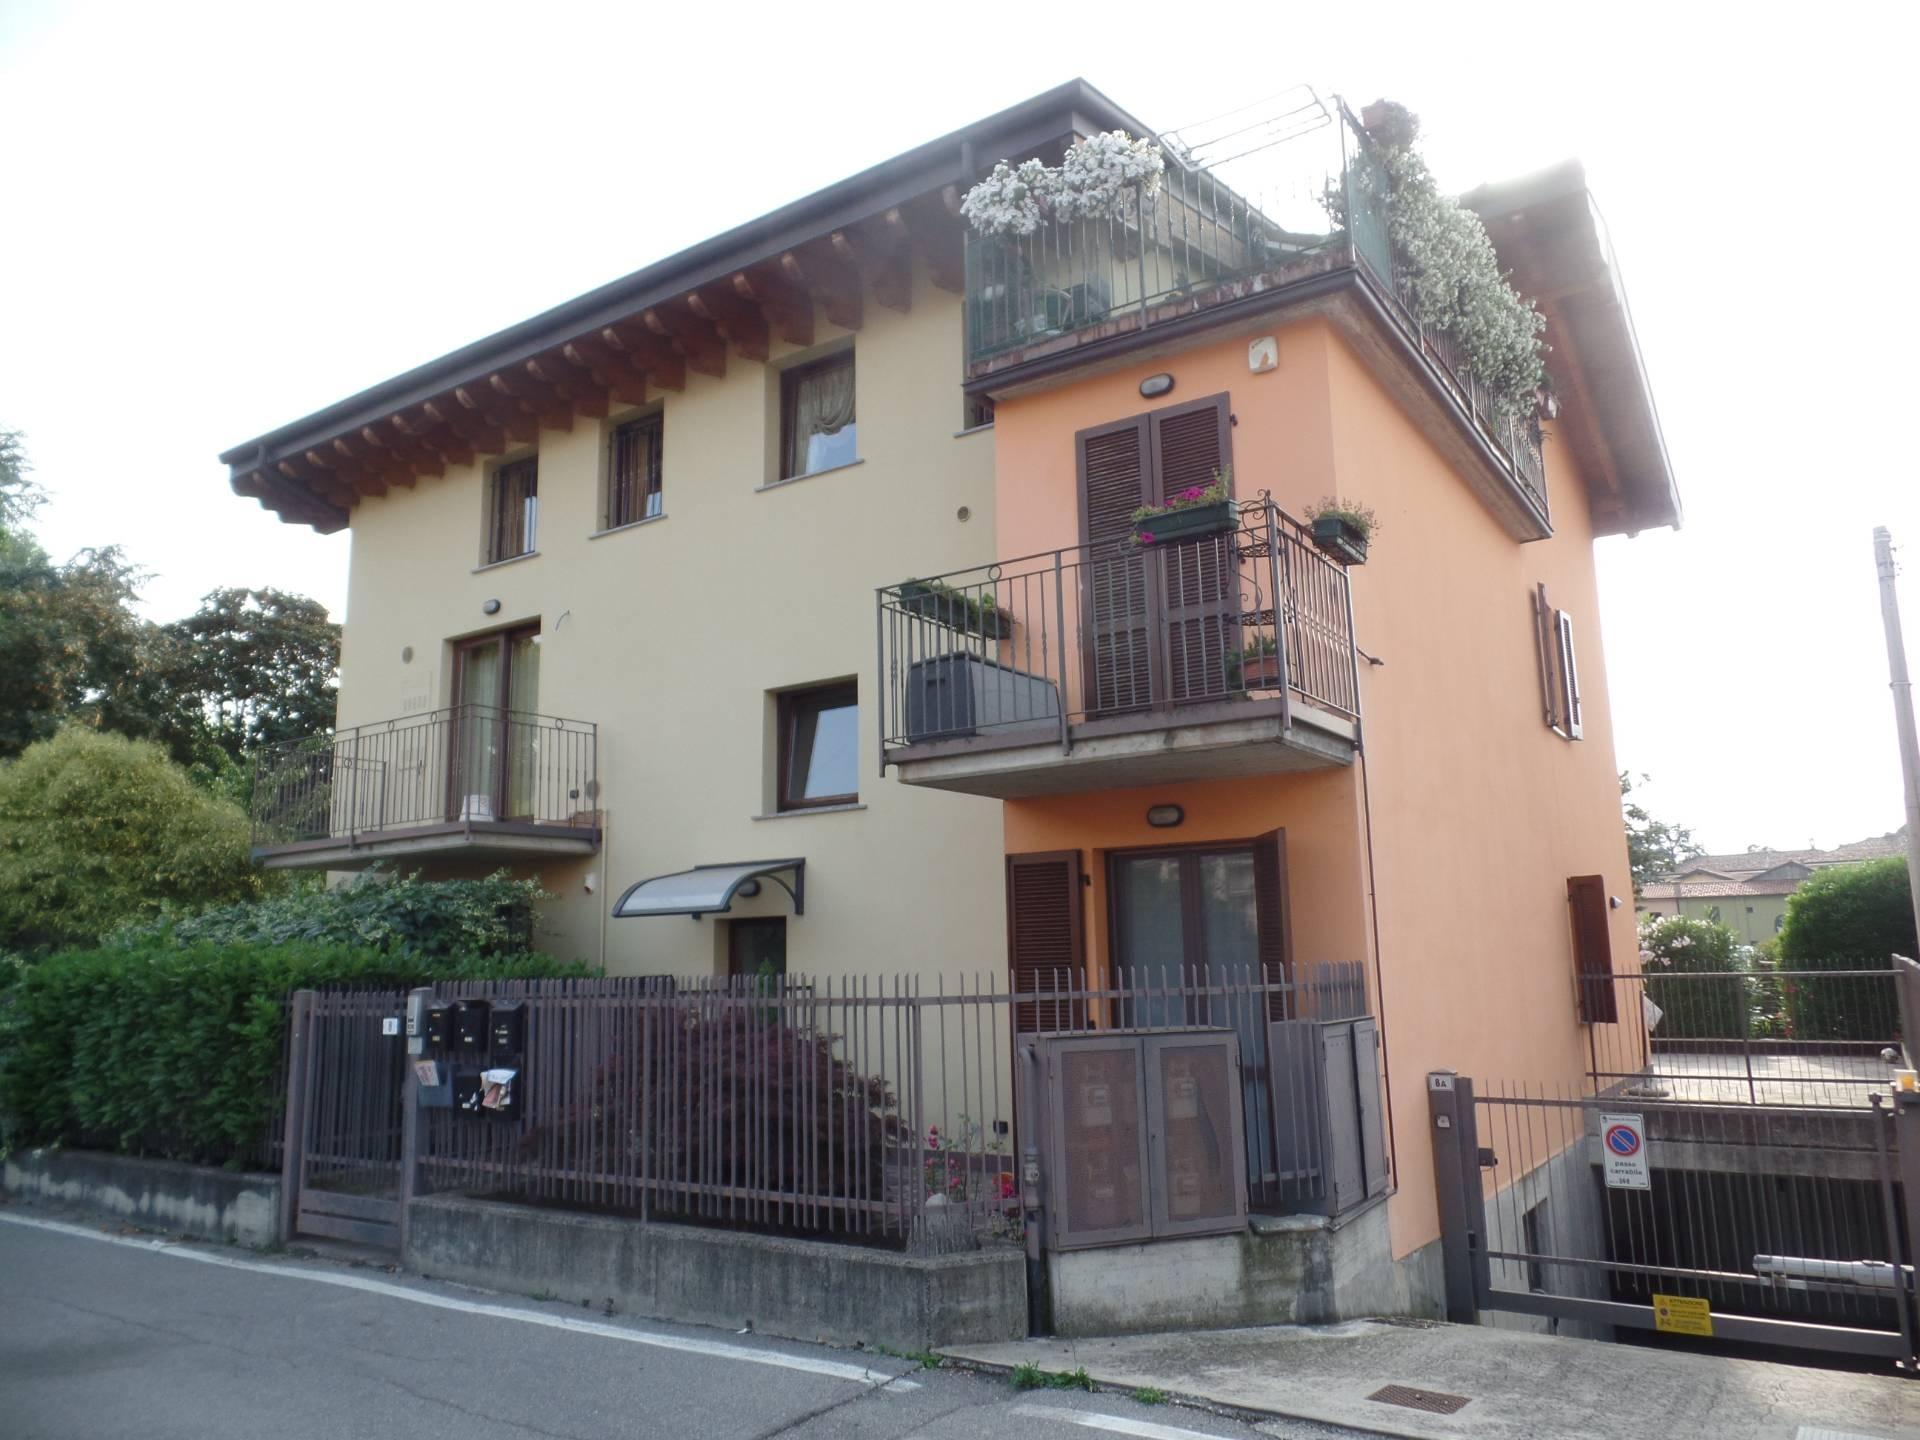 Appartamento in vendita a Stezzano, 3 locali, prezzo € 150.000 | CambioCasa.it